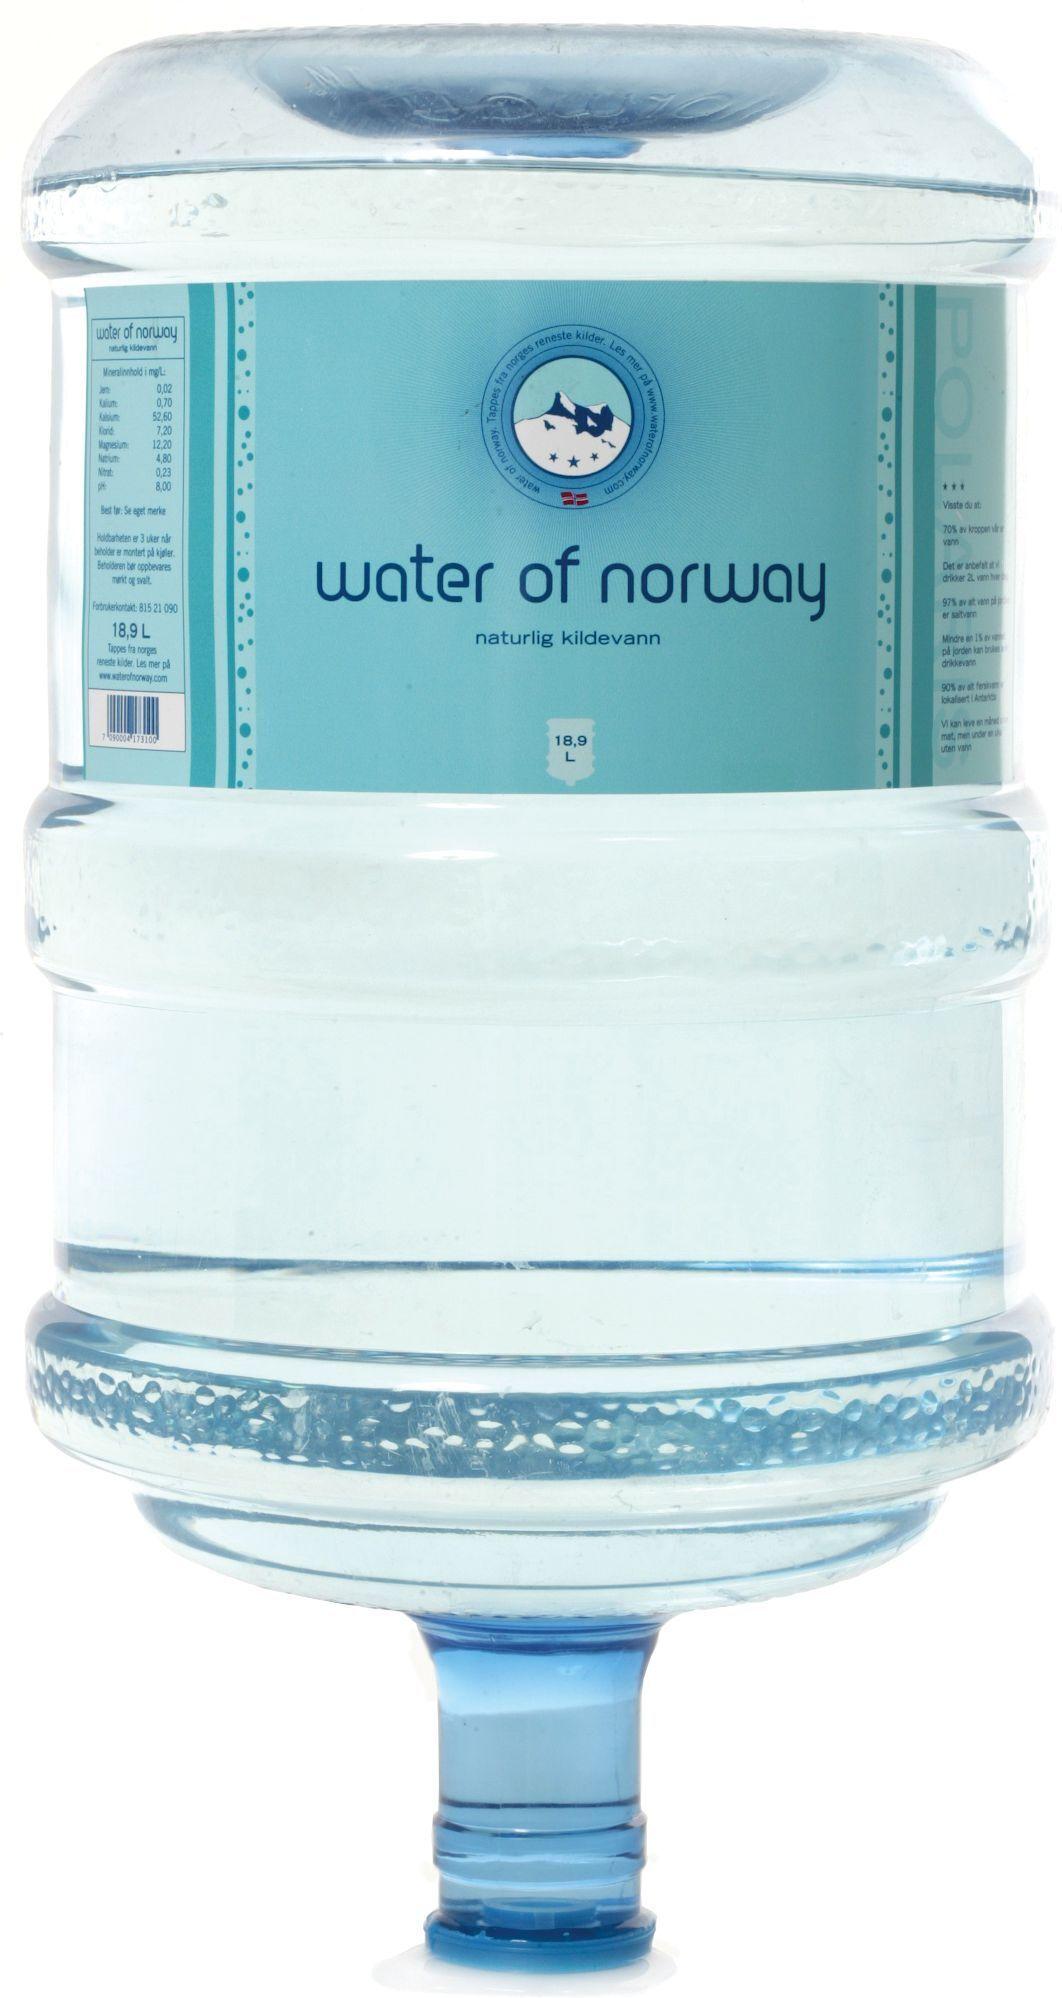 Water 510001 Water Kildevann OF NORWAY 18,9L PET